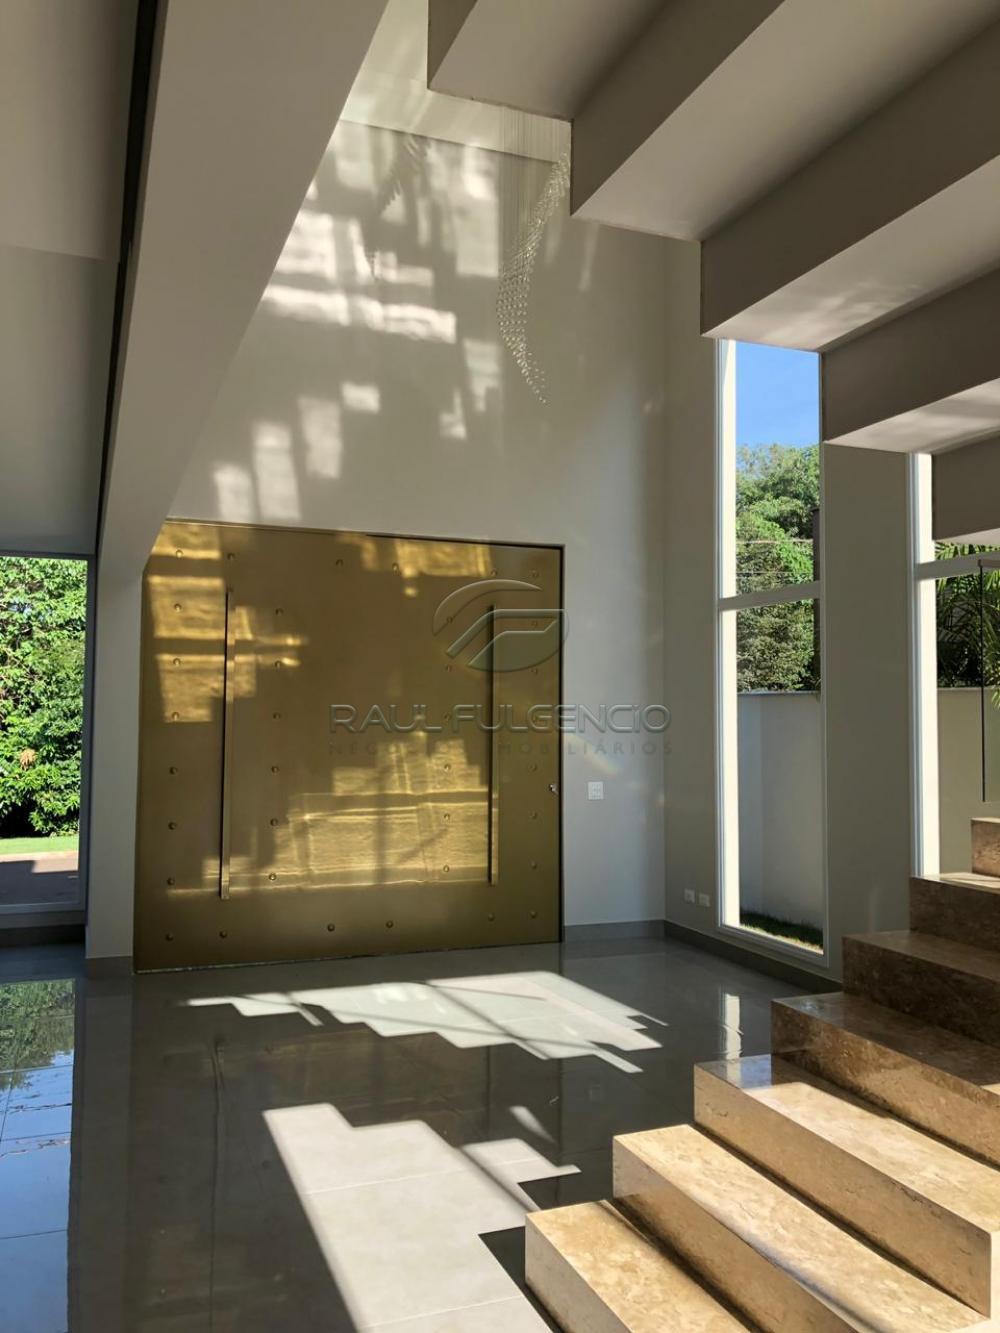 Comprar Casa / Condomínio Sobrado em Londrina apenas R$ 1.690.000,00 - Foto 6